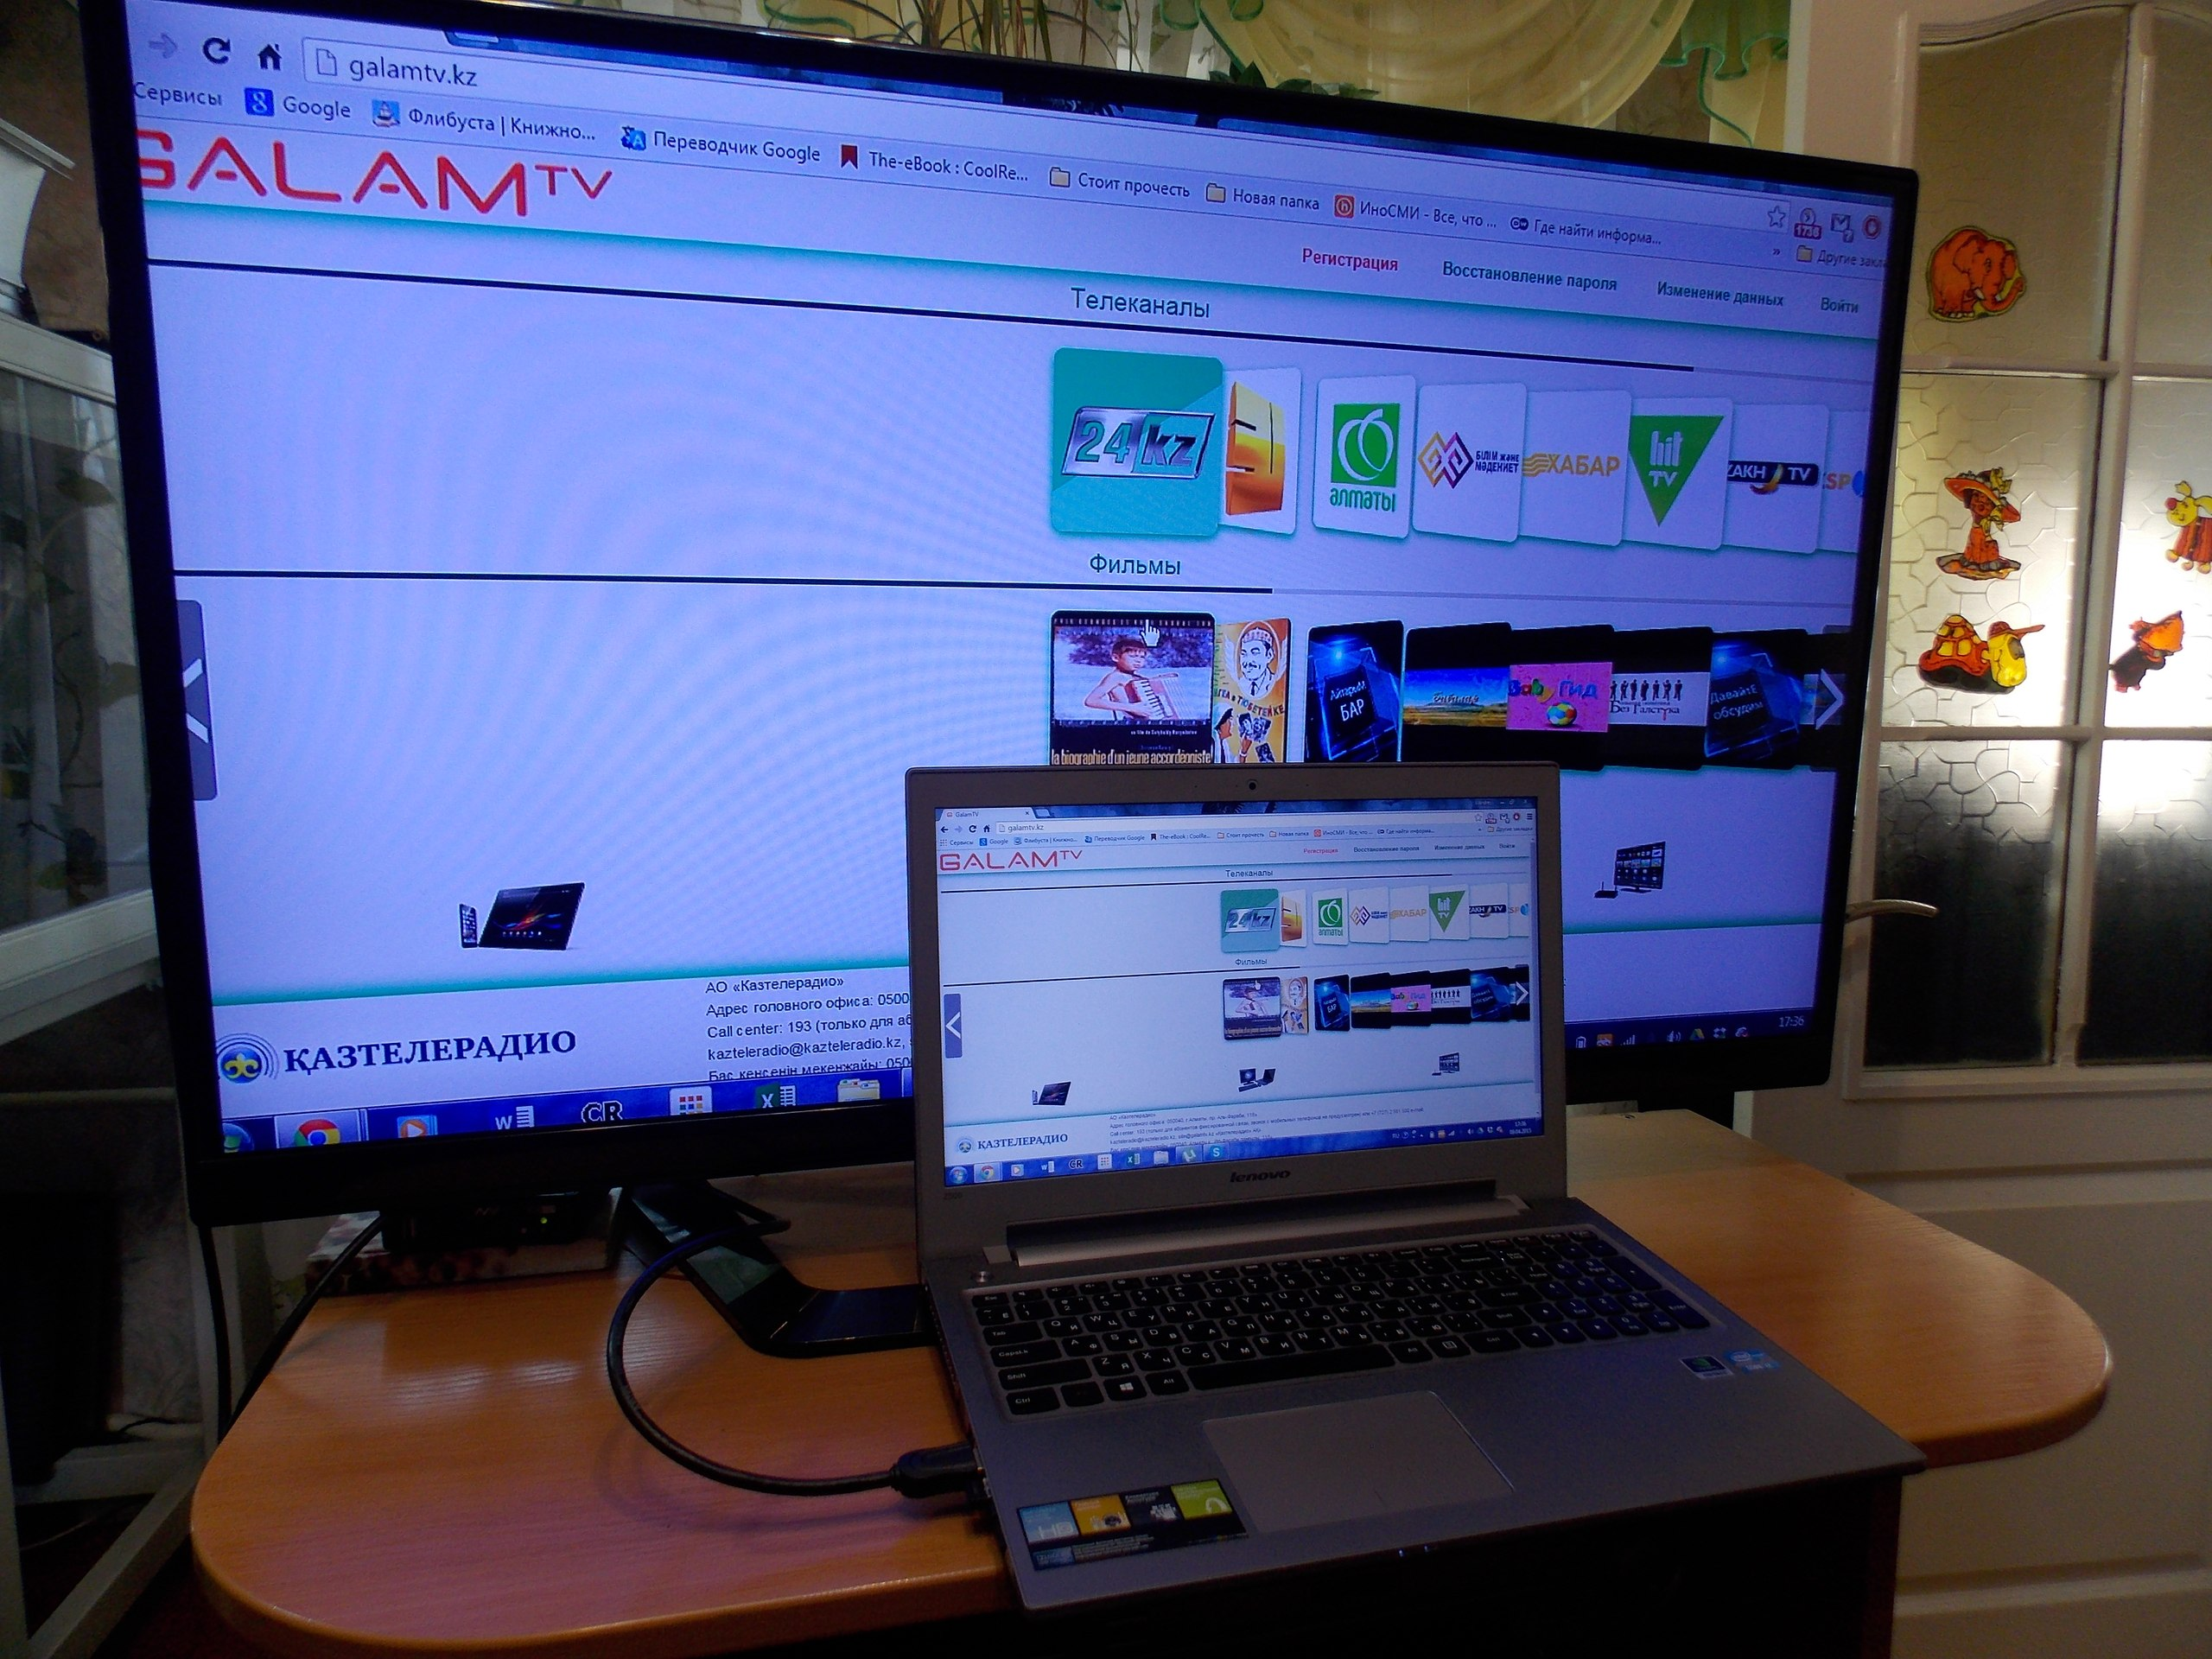 Как онлайн видео в браузере транслировать на экран телевизора с компьютера? 93